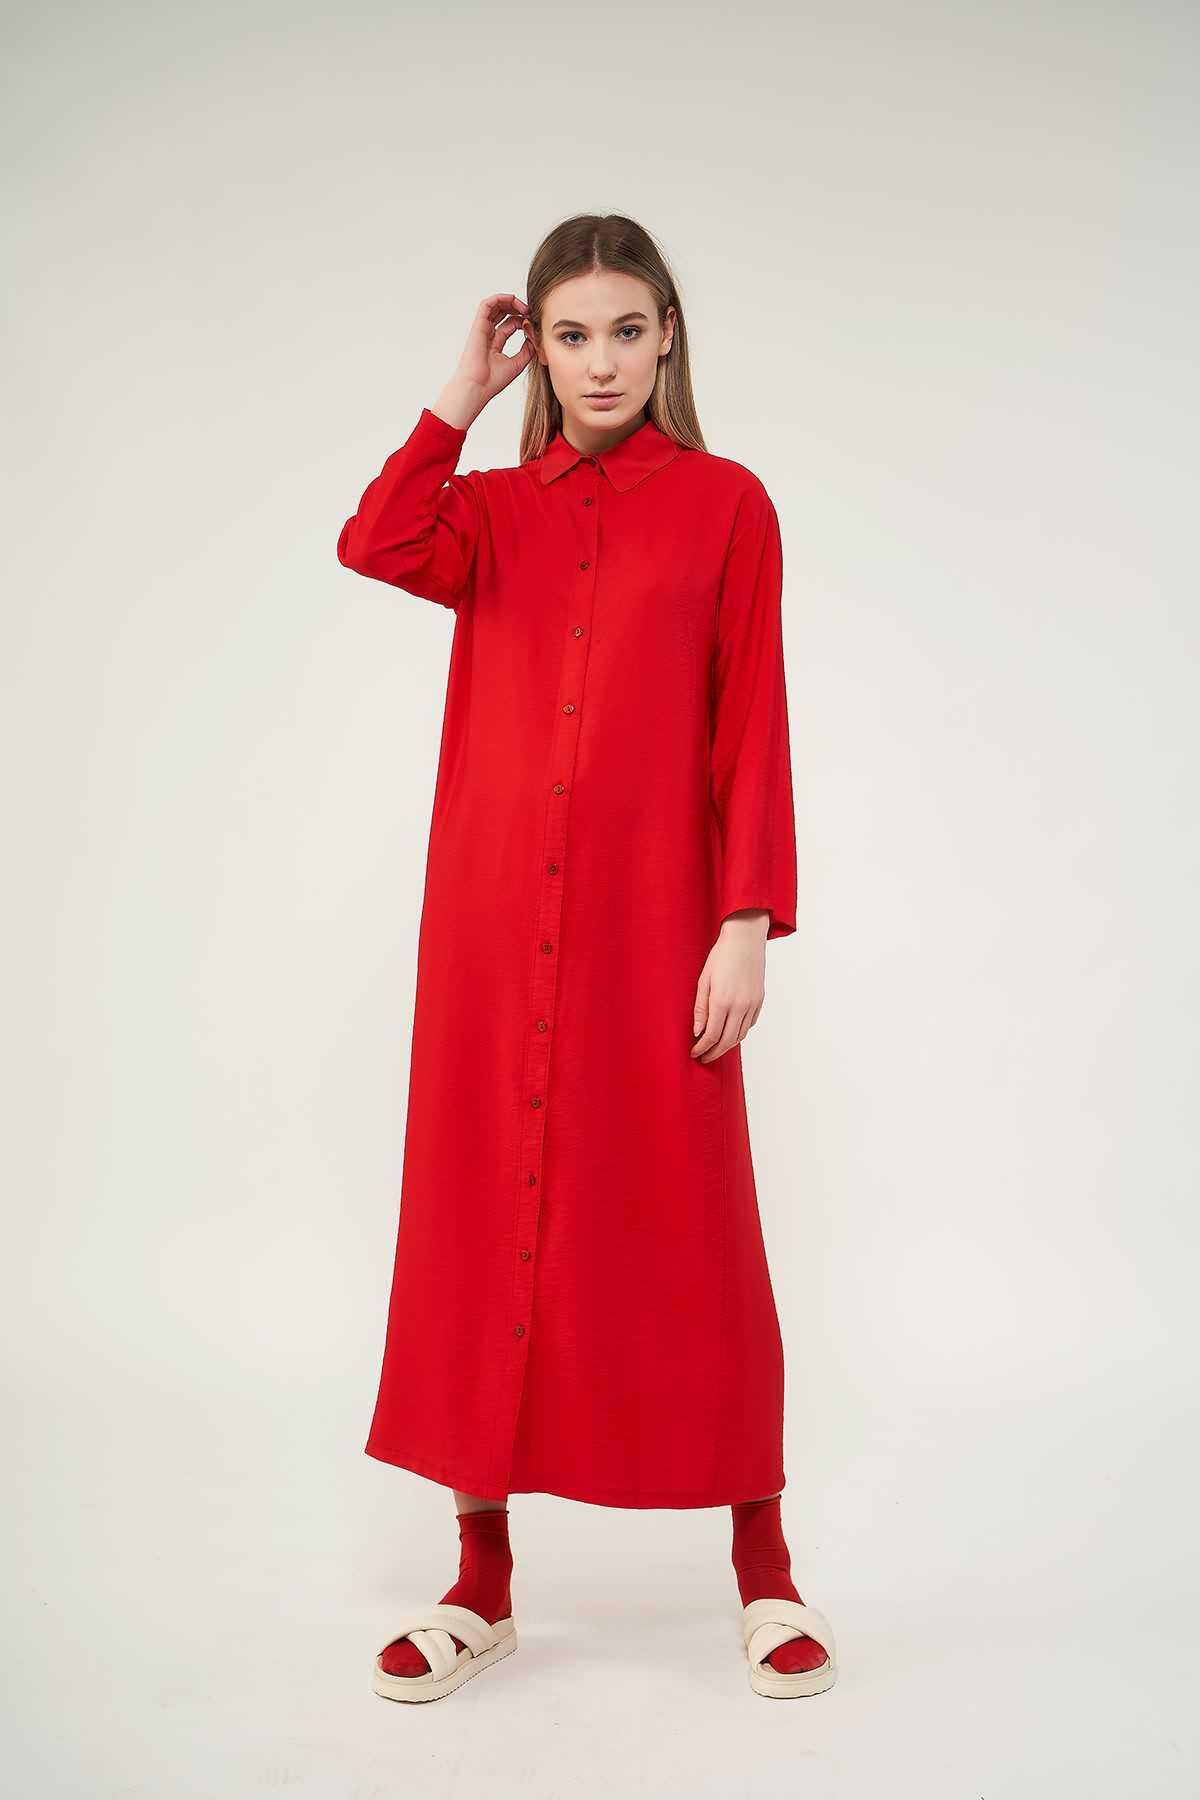 Mevra - Pileli Tunik Elbise Kırmızı